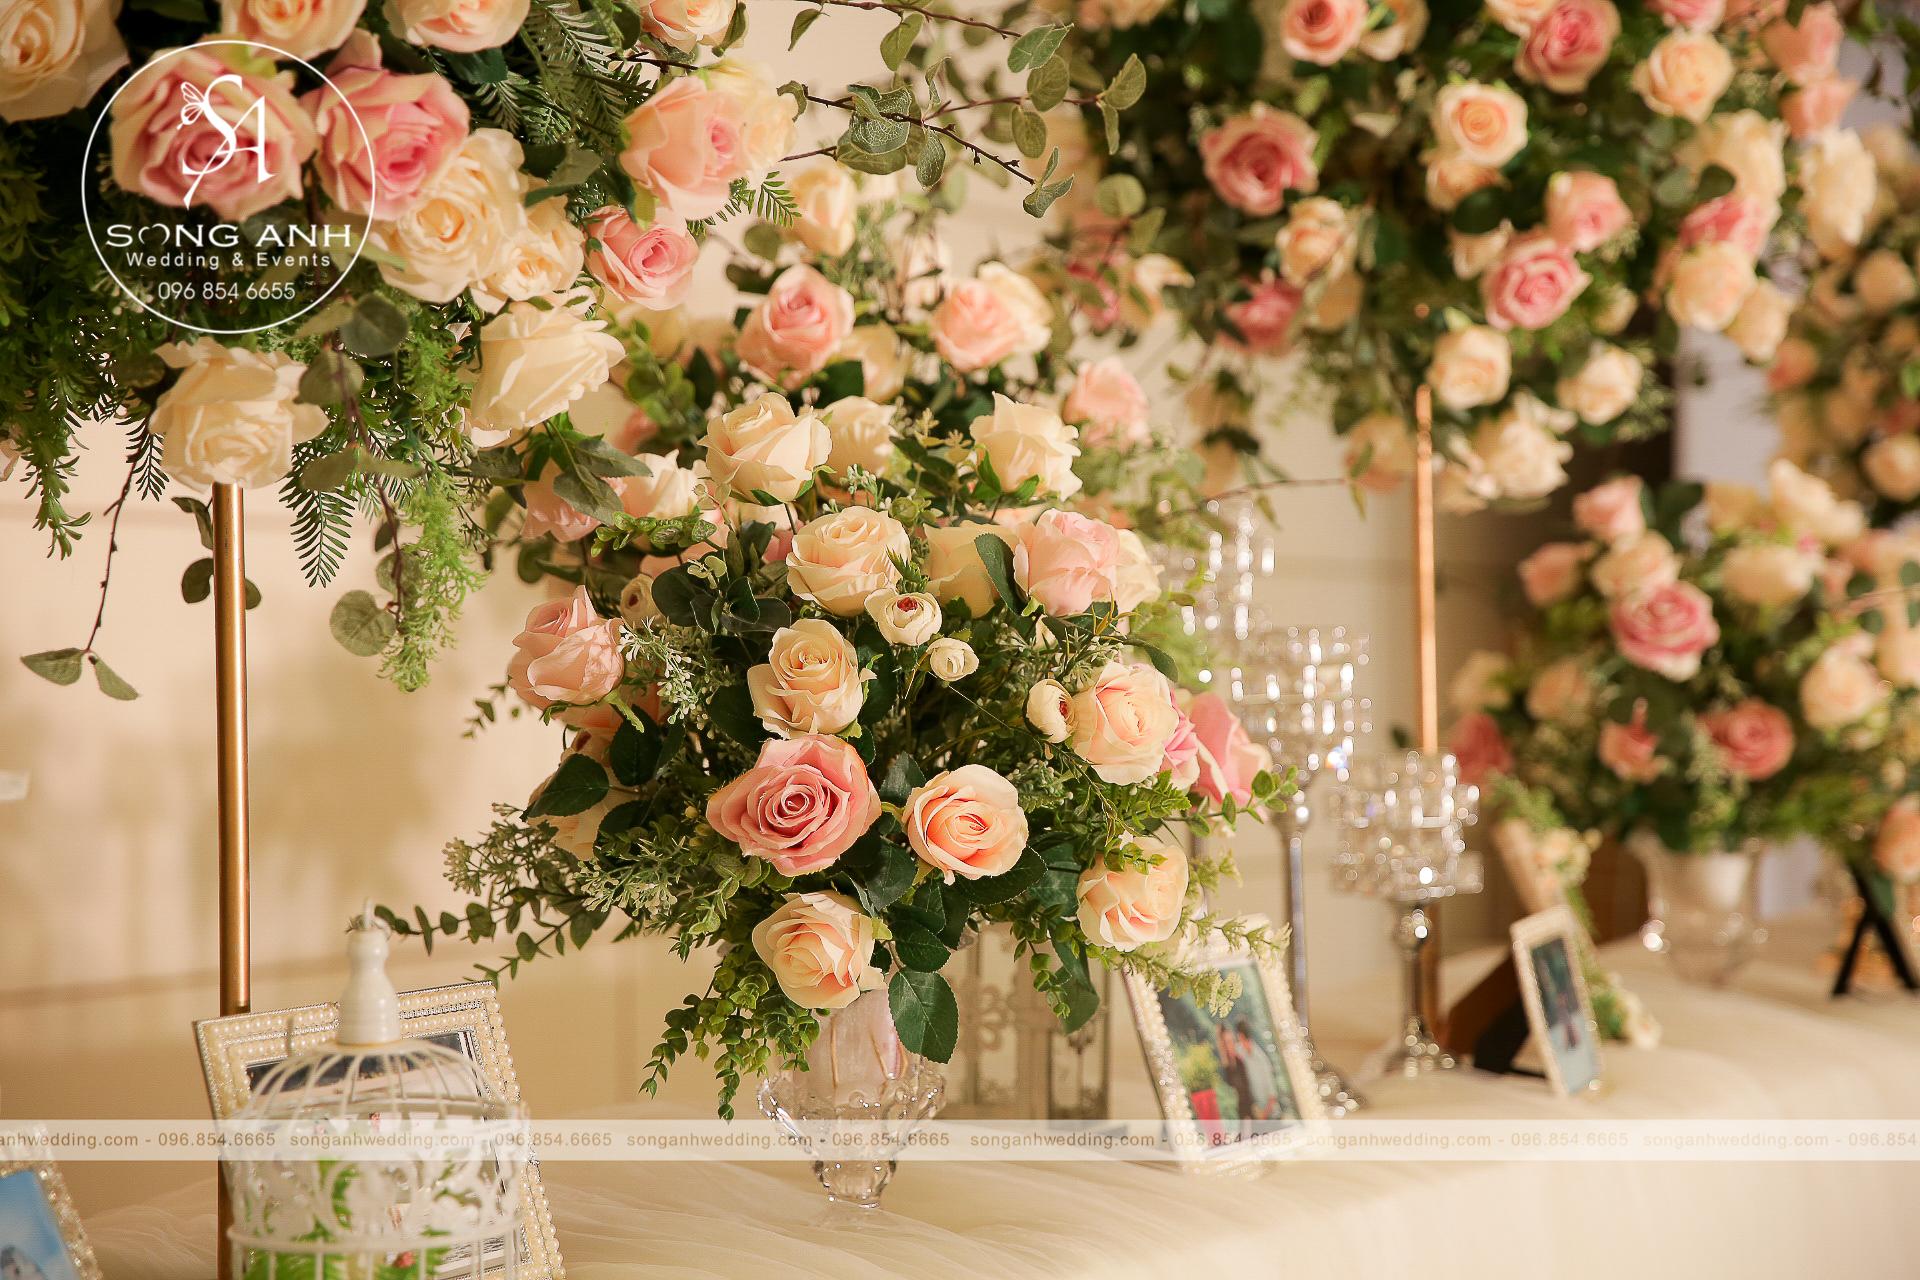 trang trí tiệc cưới theo phong cách